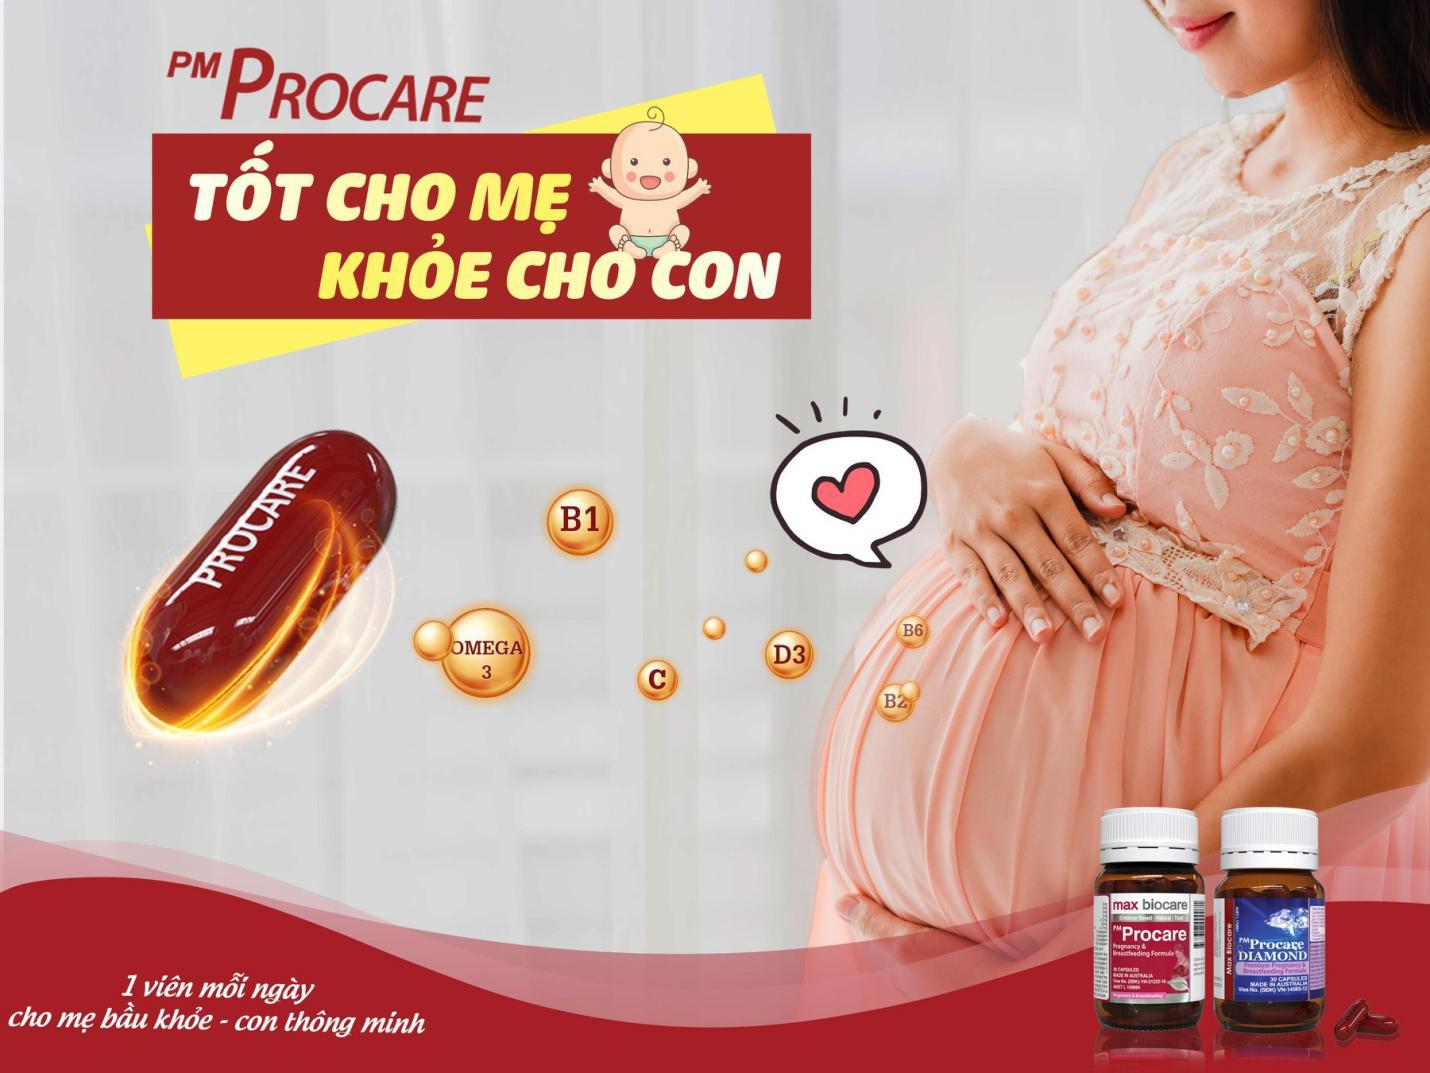 Hiểu thêm về Omega-3 (DHA & EPA) và tác dụng ngăn ngừa sinh non ở phụ nữ - Ảnh 4.